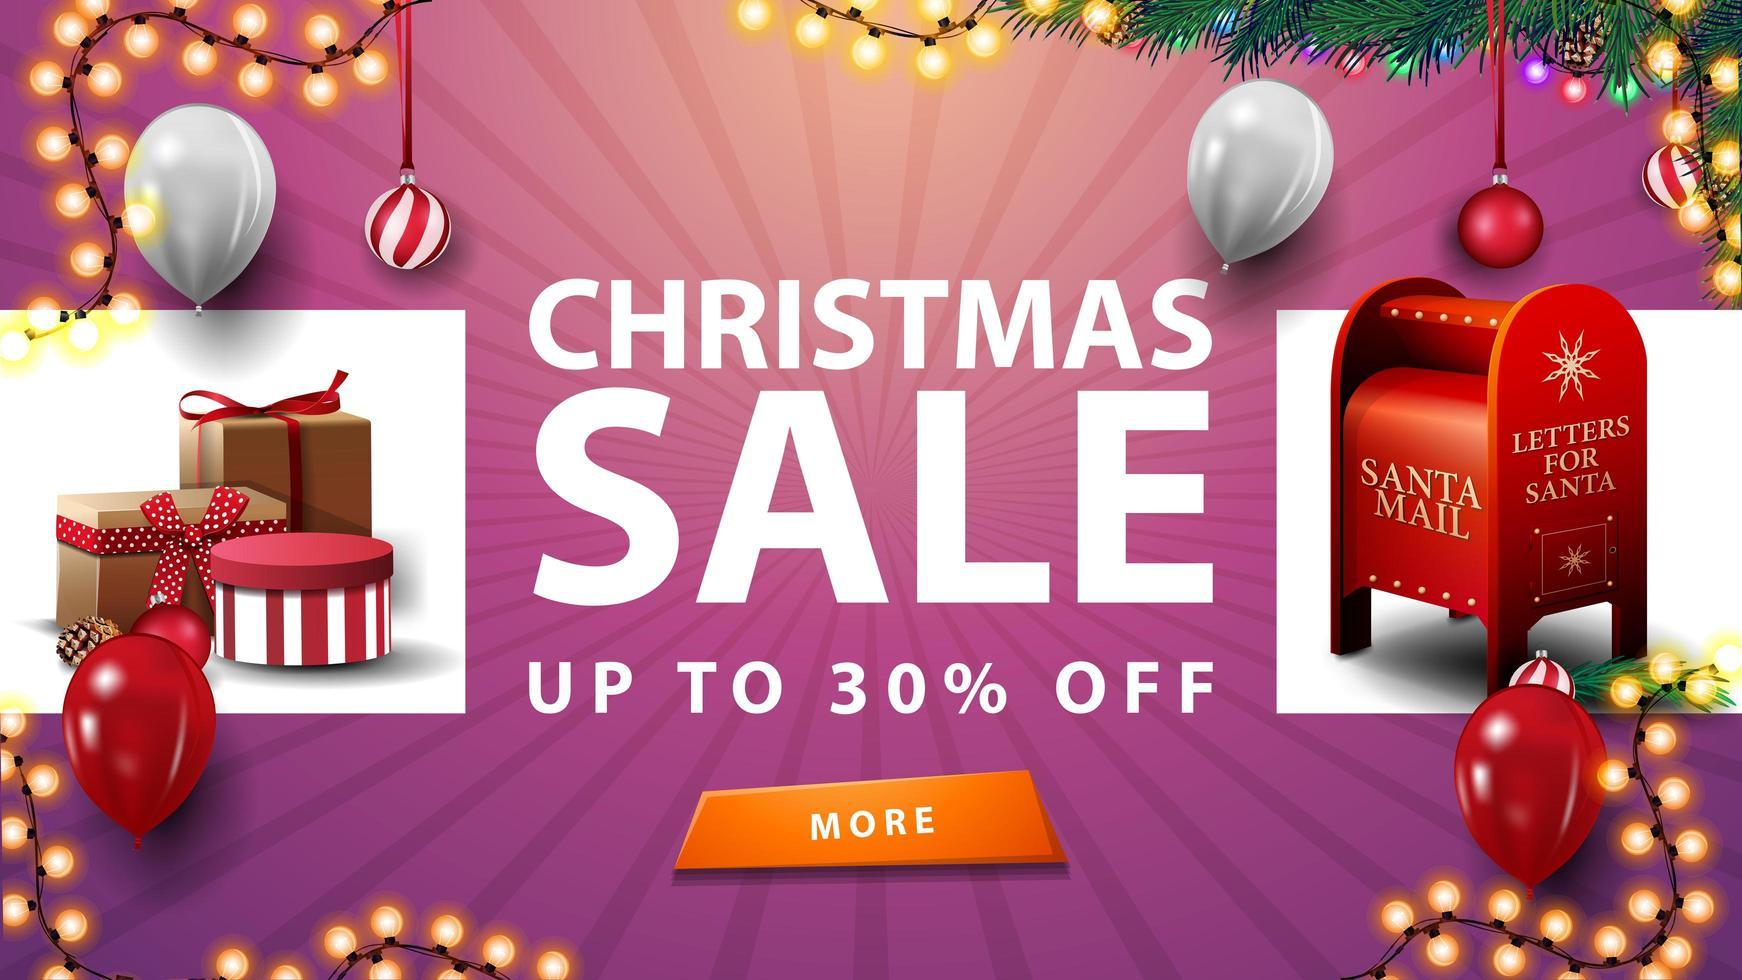 vente de Noël, jusqu'à 30 rabais, bannière de réduction rose avec des cadeaux de Noël, guirlande, ballons blancs, bouton et boîte aux lettres du père Noël vecteur